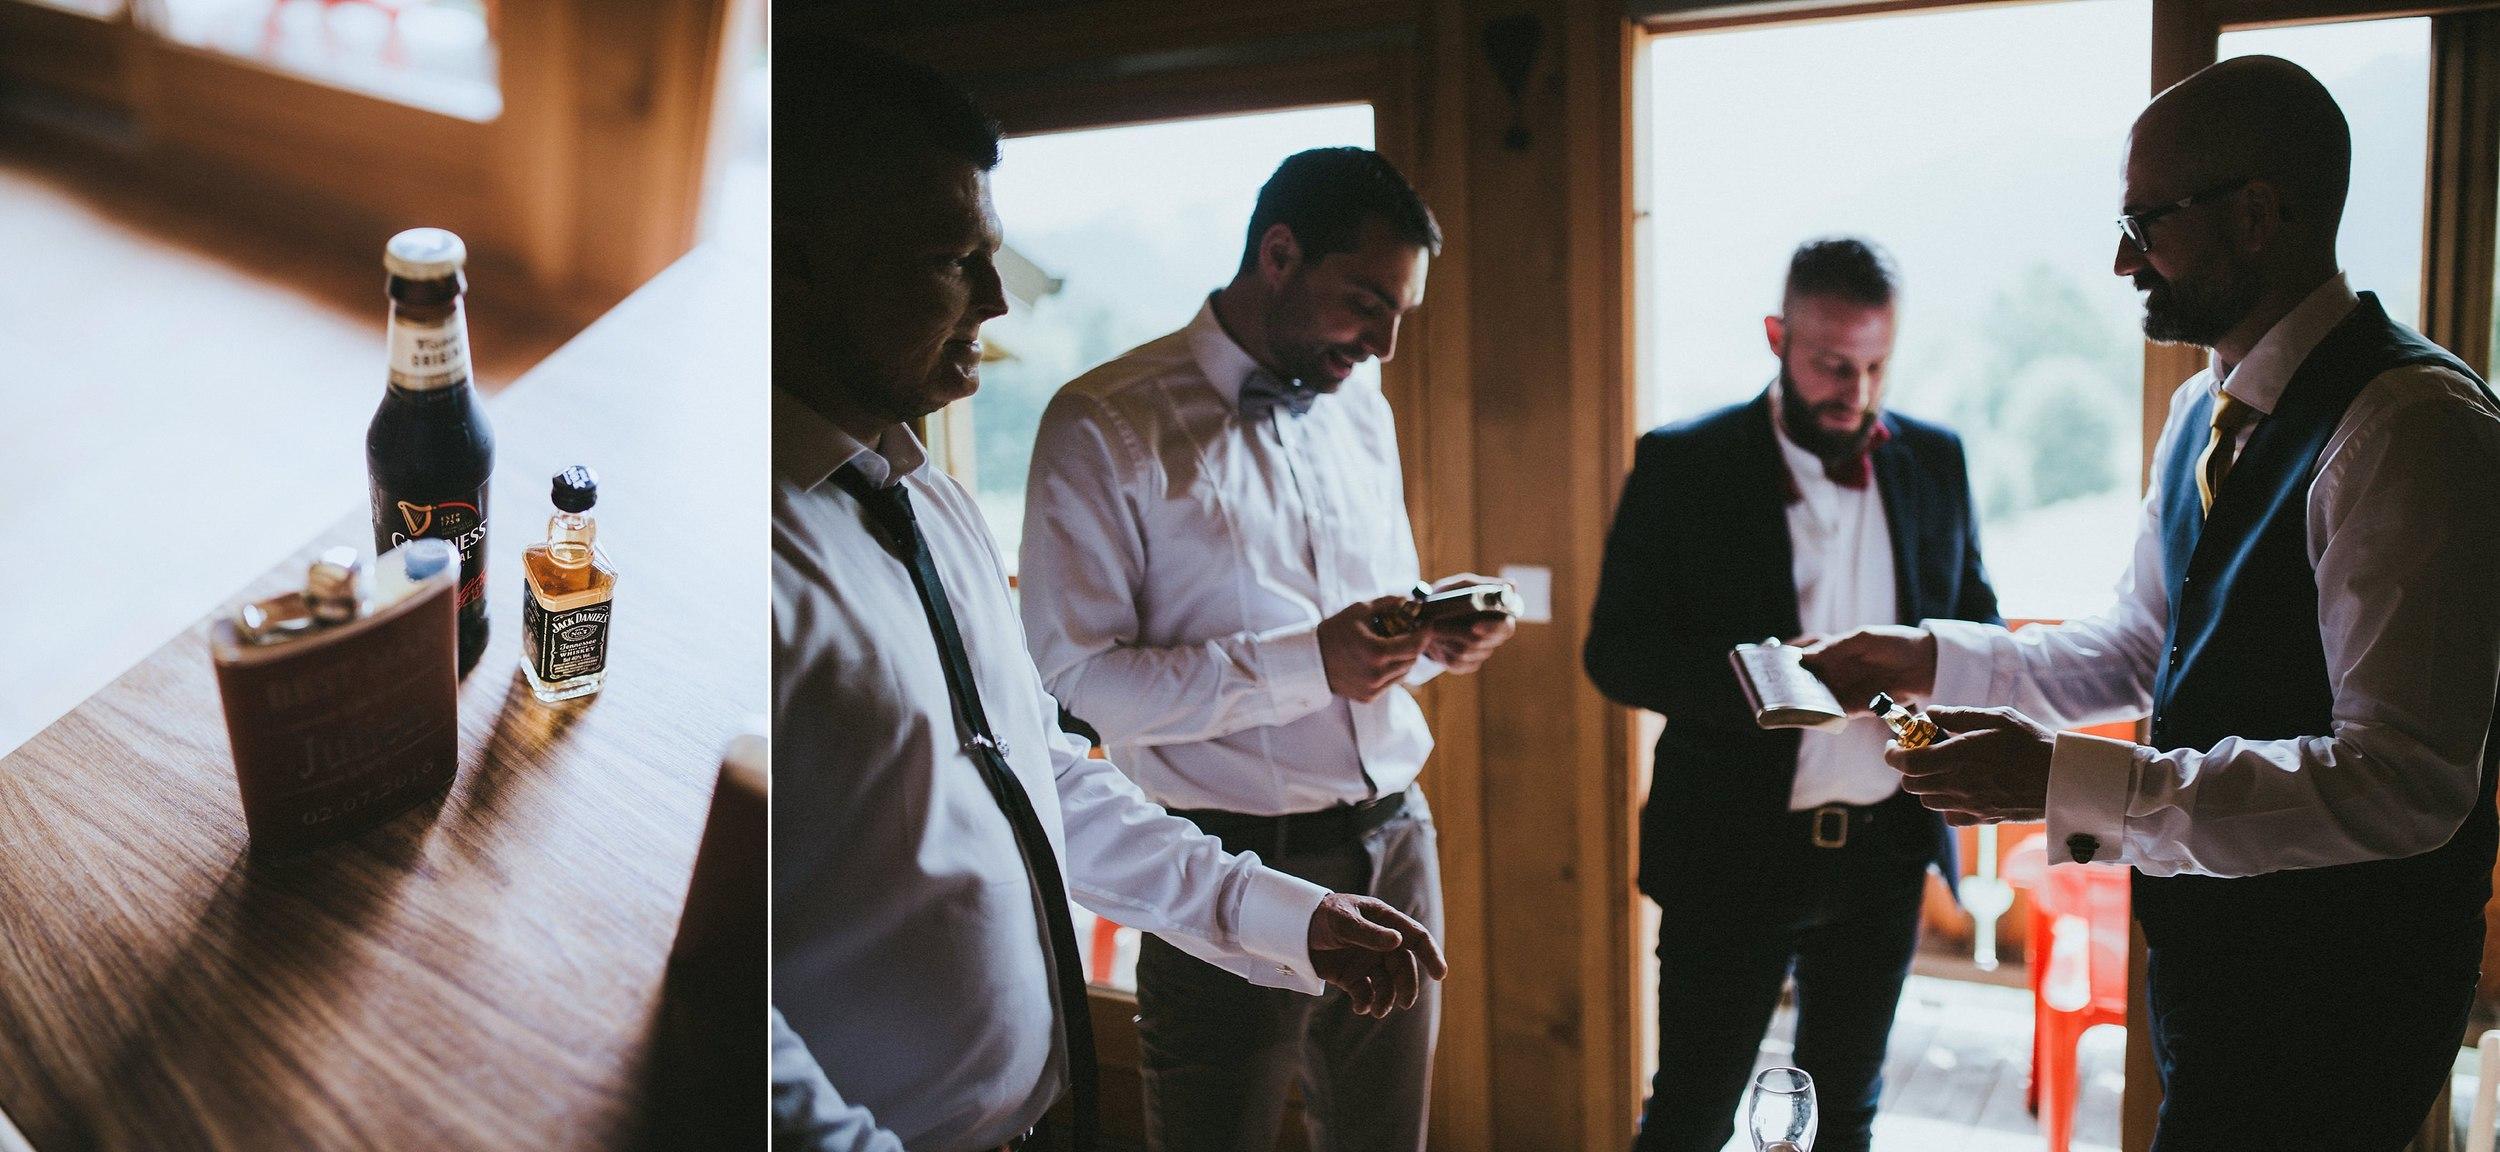 mariage-suisse-haute-savoie-domaine-baron-steven-bassillieaux-bordeaux-dordogne-wedding-photographe-13.jpg